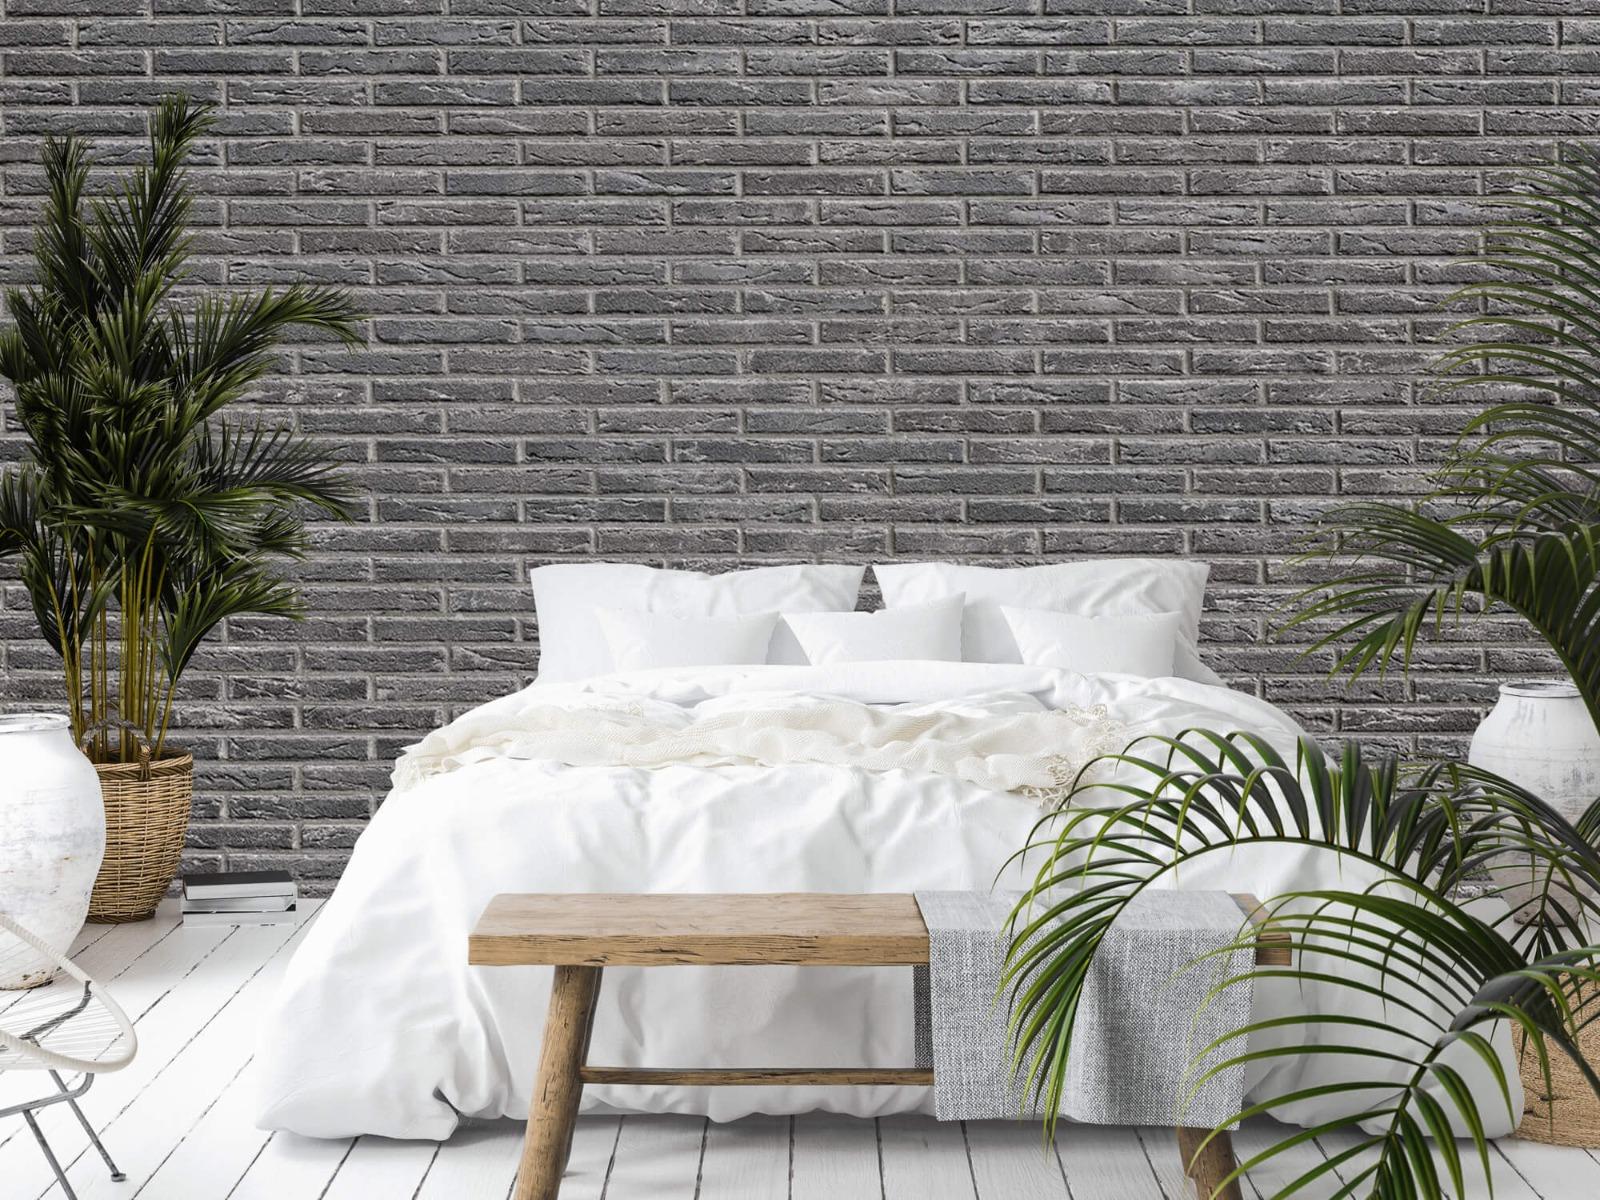 Steen behang - Grijze bakstenen - Wallexclusive - Slaapkamer 1